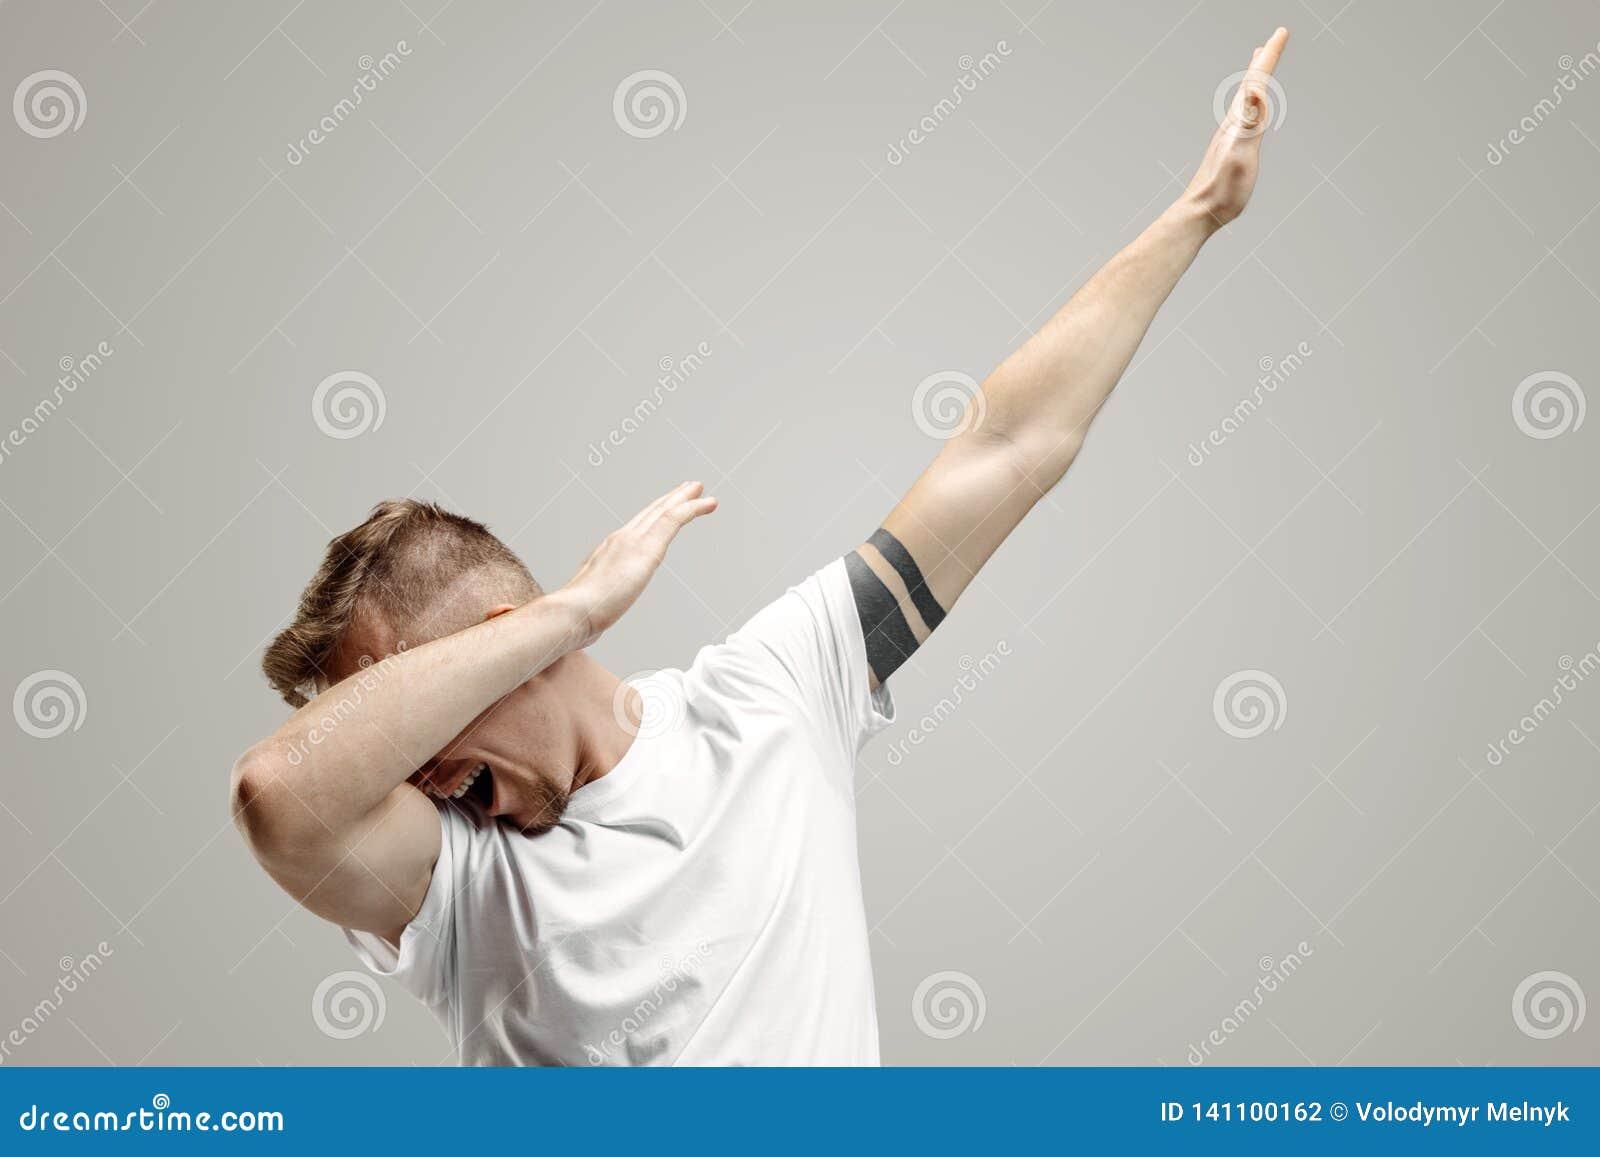 Młody człowiek robi odrobina ruchu z jego rękami na szarym tle